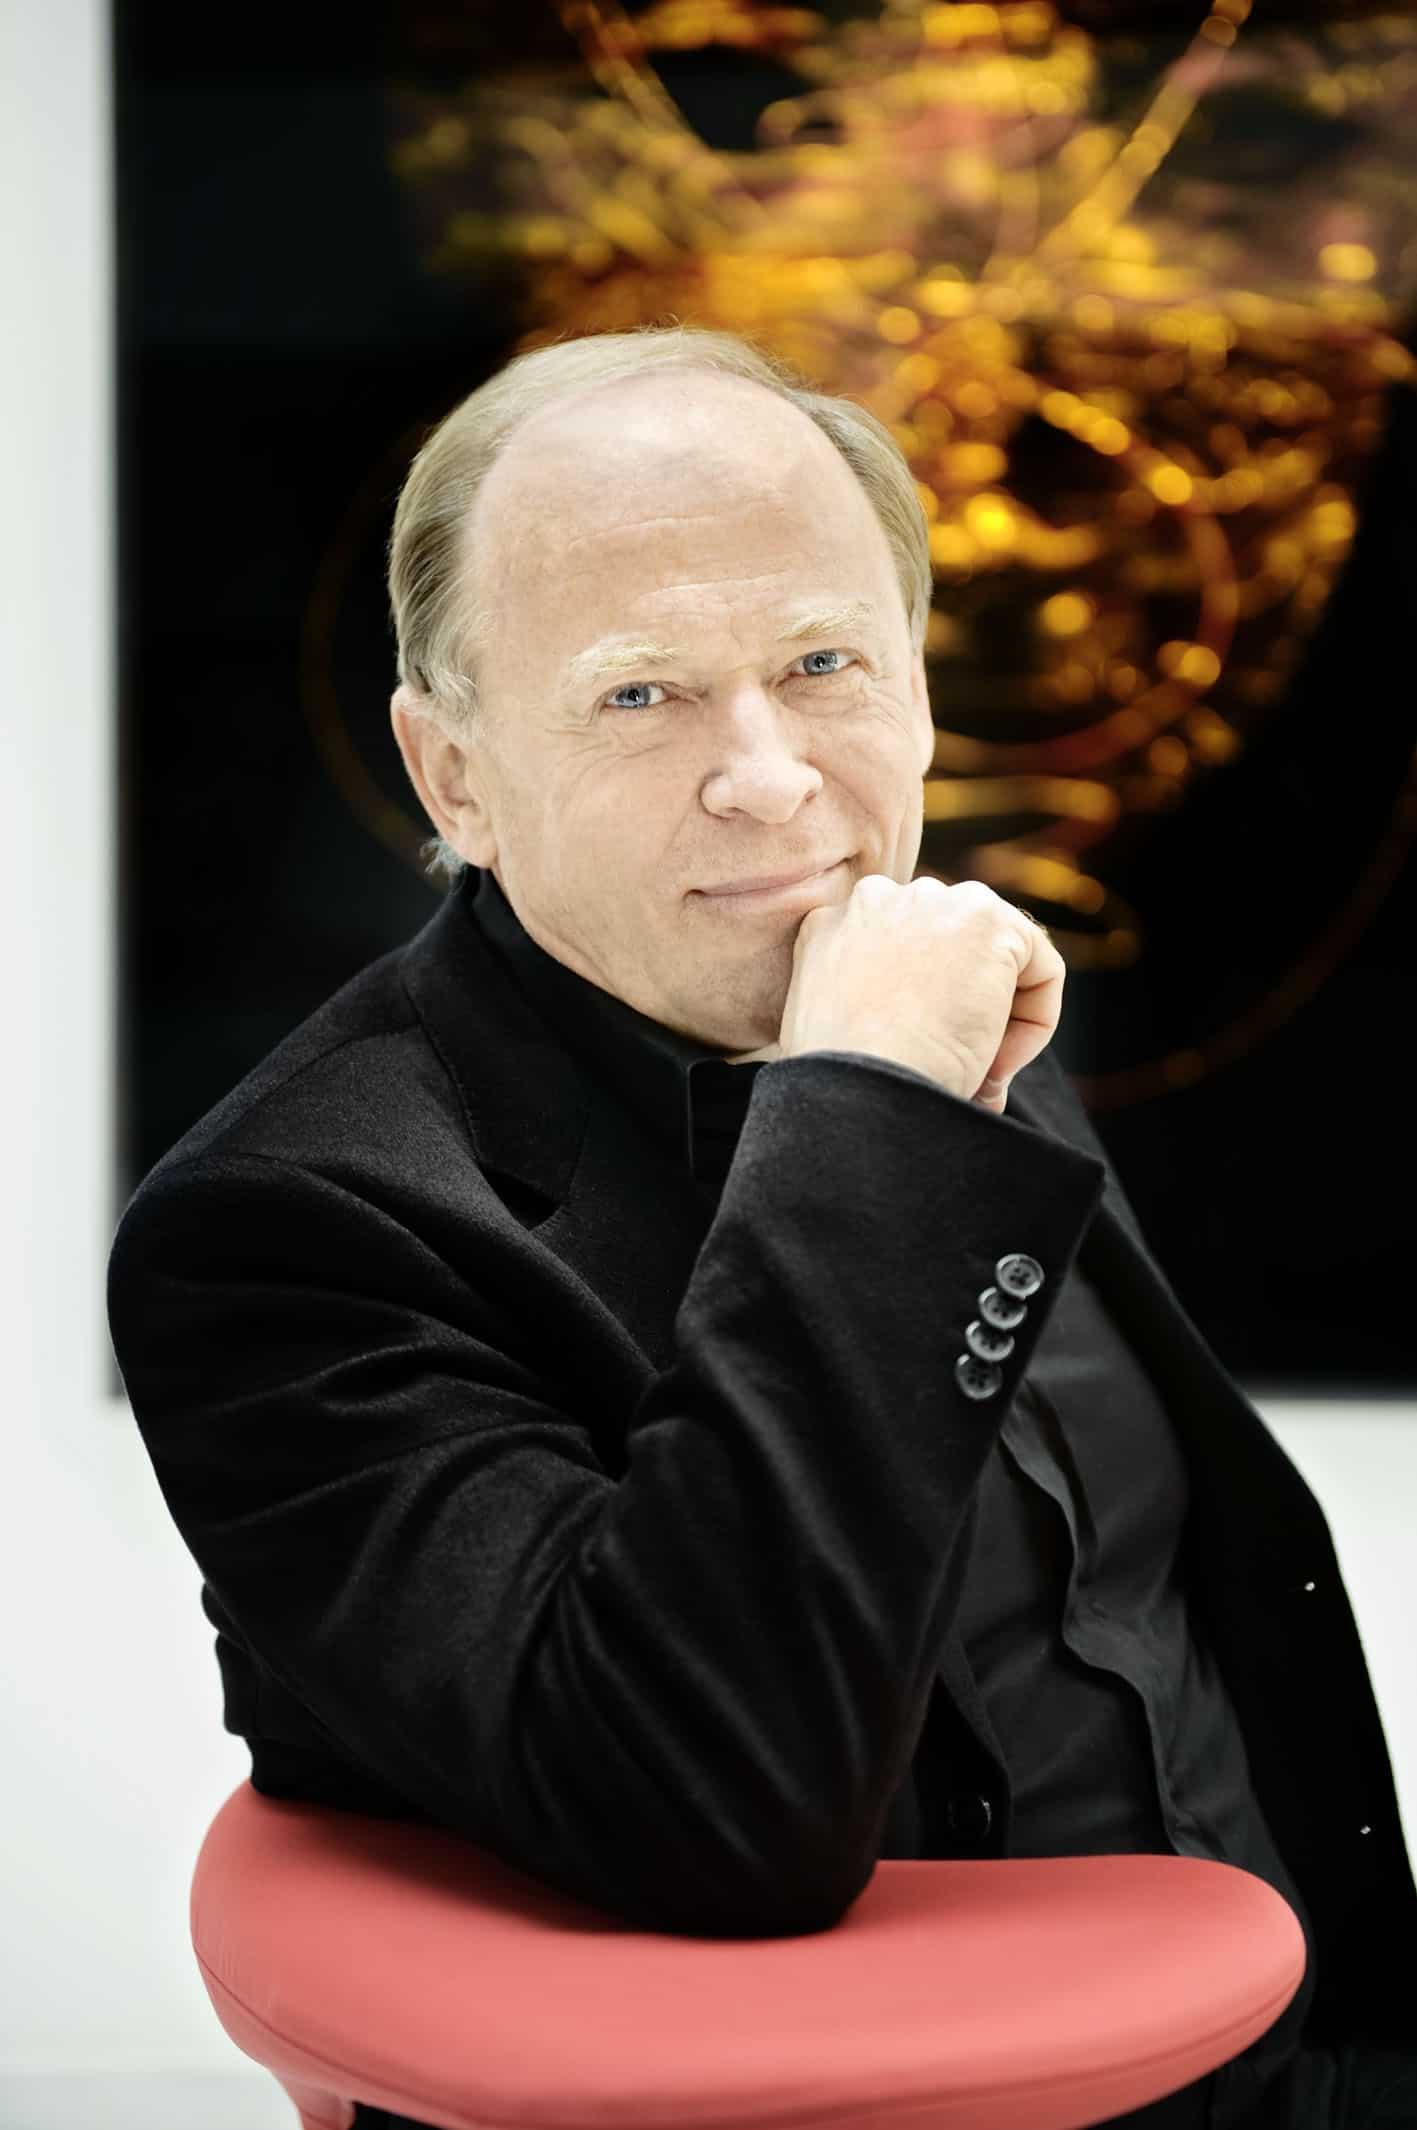 Helmut Baurecht, fundador y propietario del grupo cosmético ARTDECO